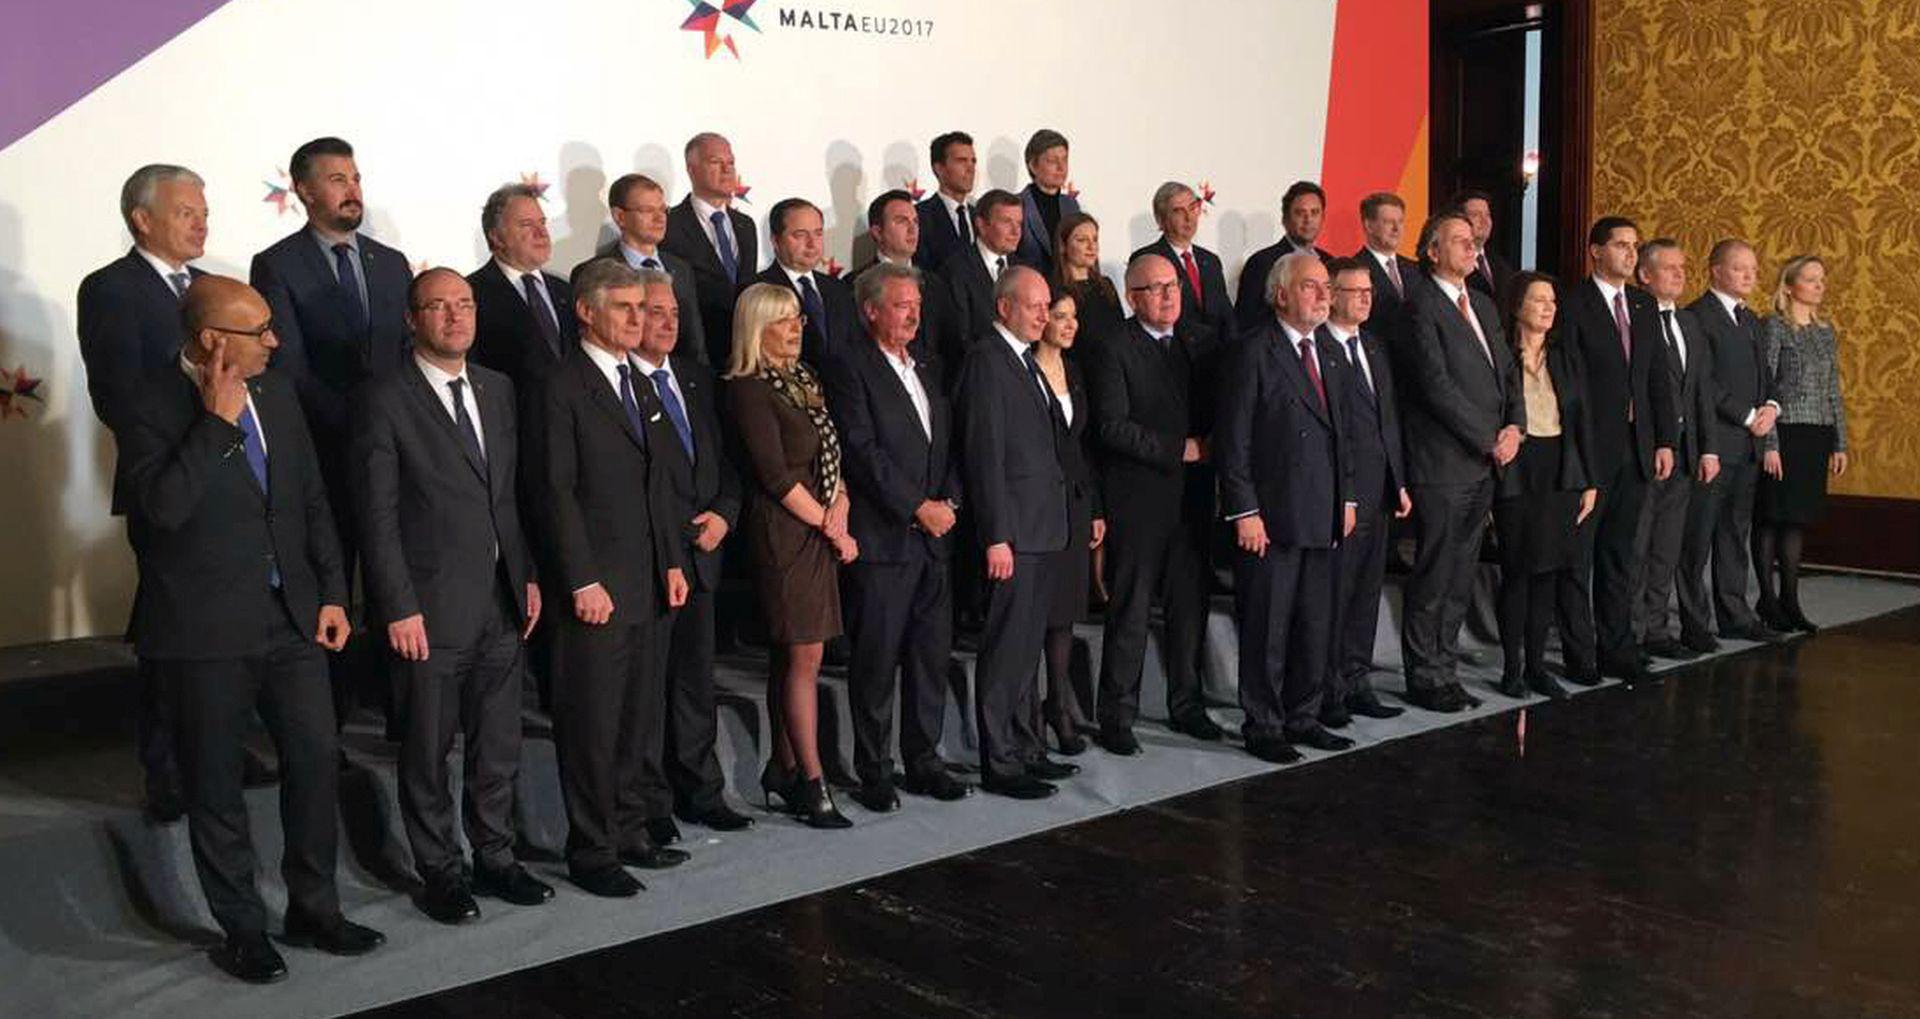 MALTA Stier na neformalnom sastanku s kolegama iz EU-a